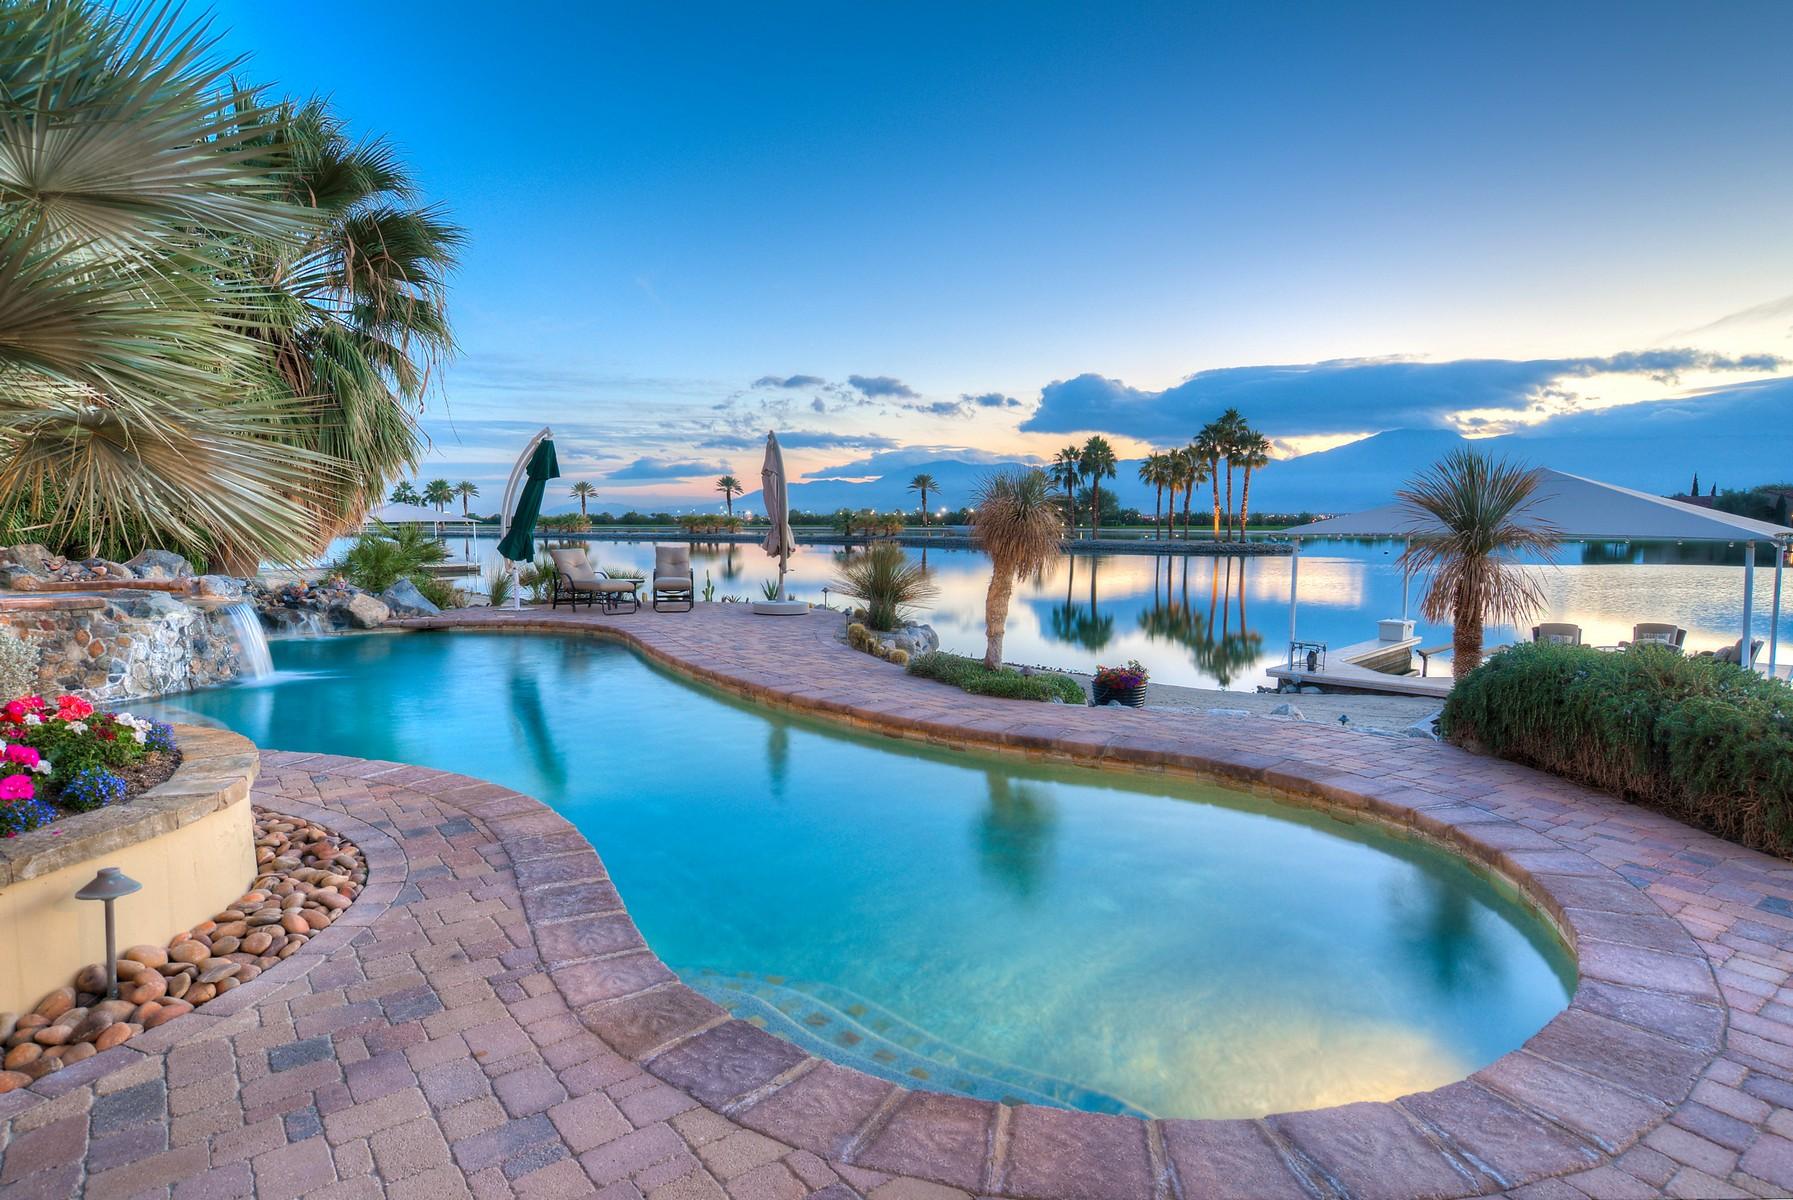 Villa per Vendita alle ore 83105 North Shore Drive Indio, California, 92203 Stati Uniti